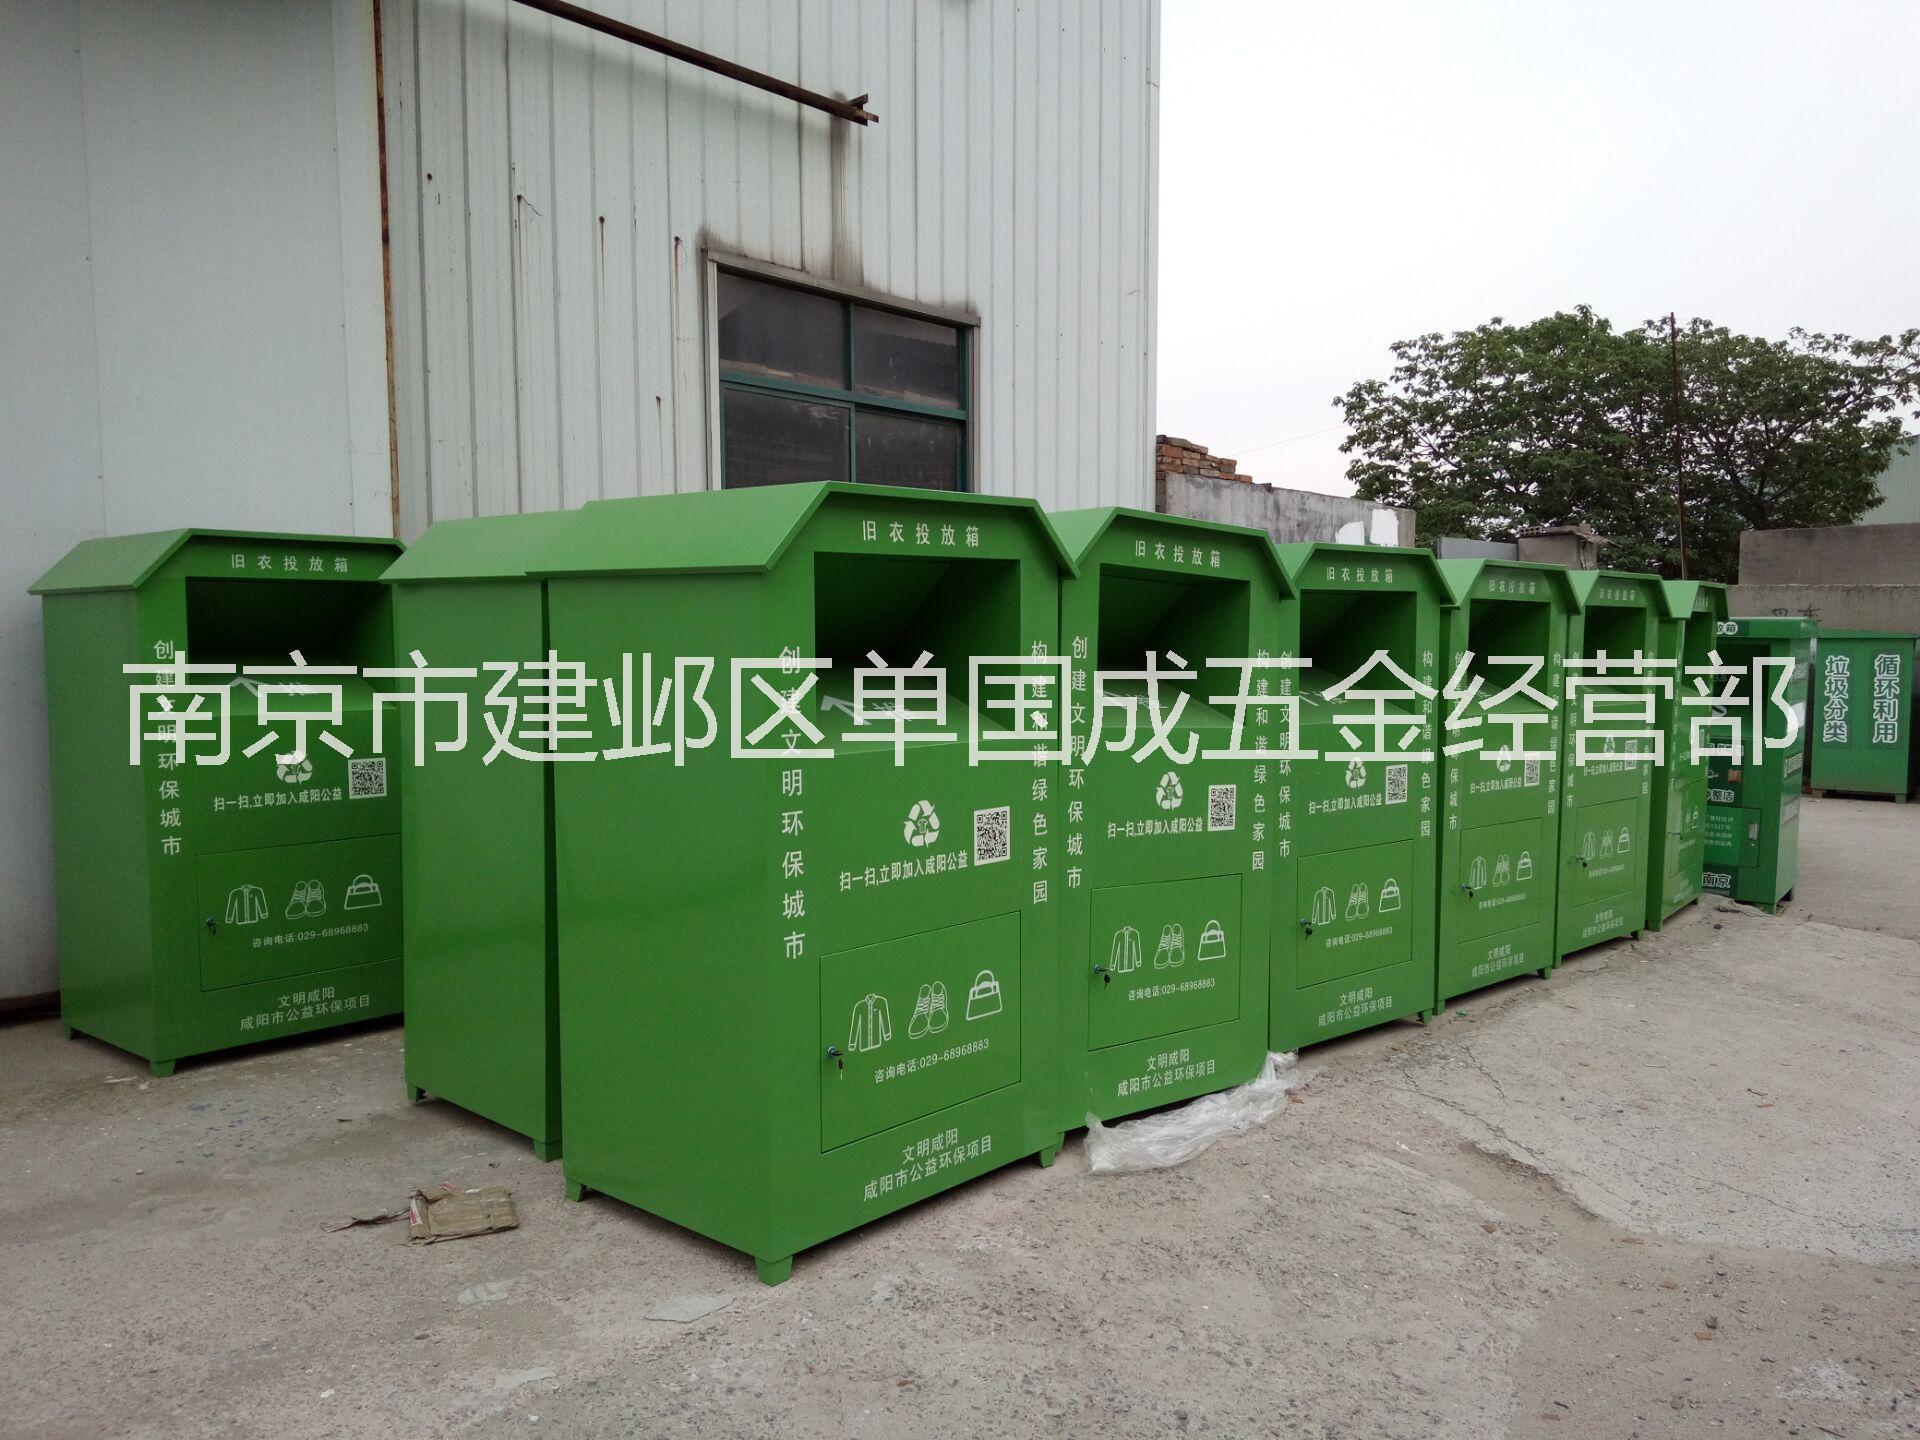 供应旧衣物回收箱  旧衣服回收箱厂家直销 旧物回收箱设计于生产 旧衣物回收箱厂